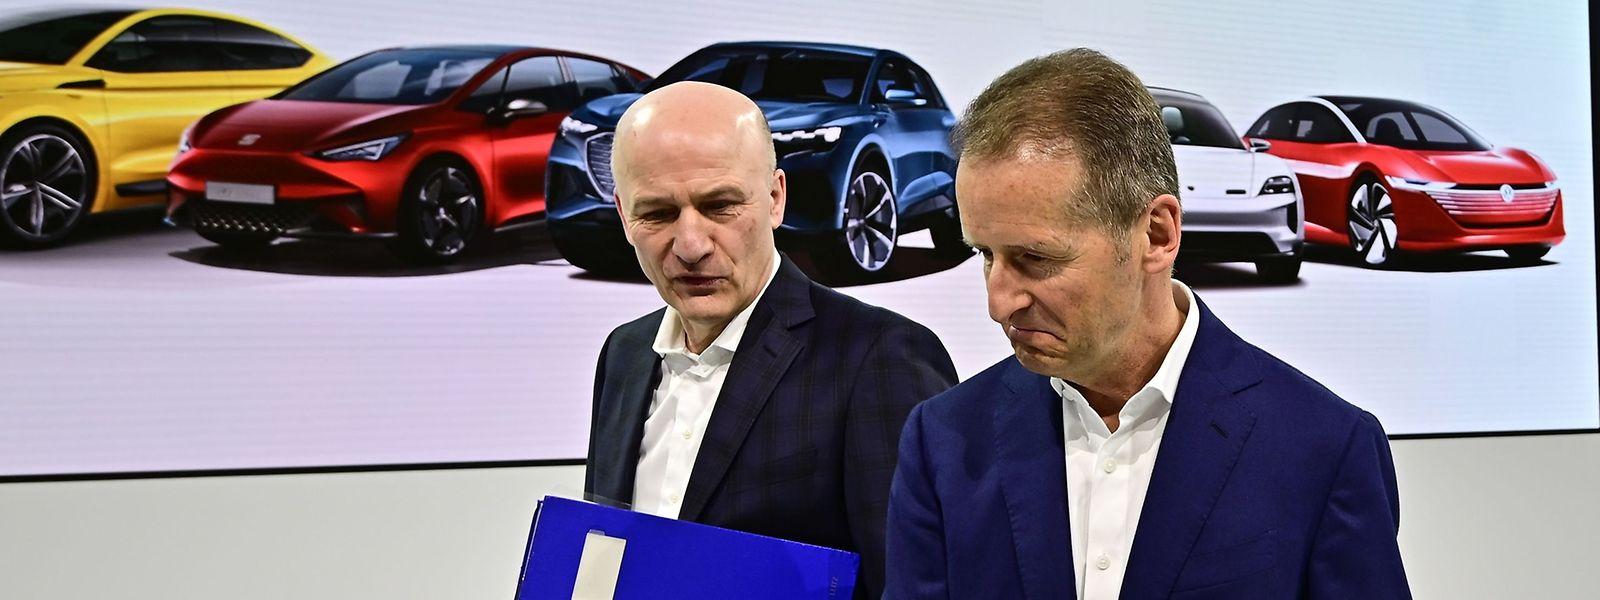 Herbert Diess, le patron de VW au premier plan, et Frank Witter, directeur financier du groupe allemand.